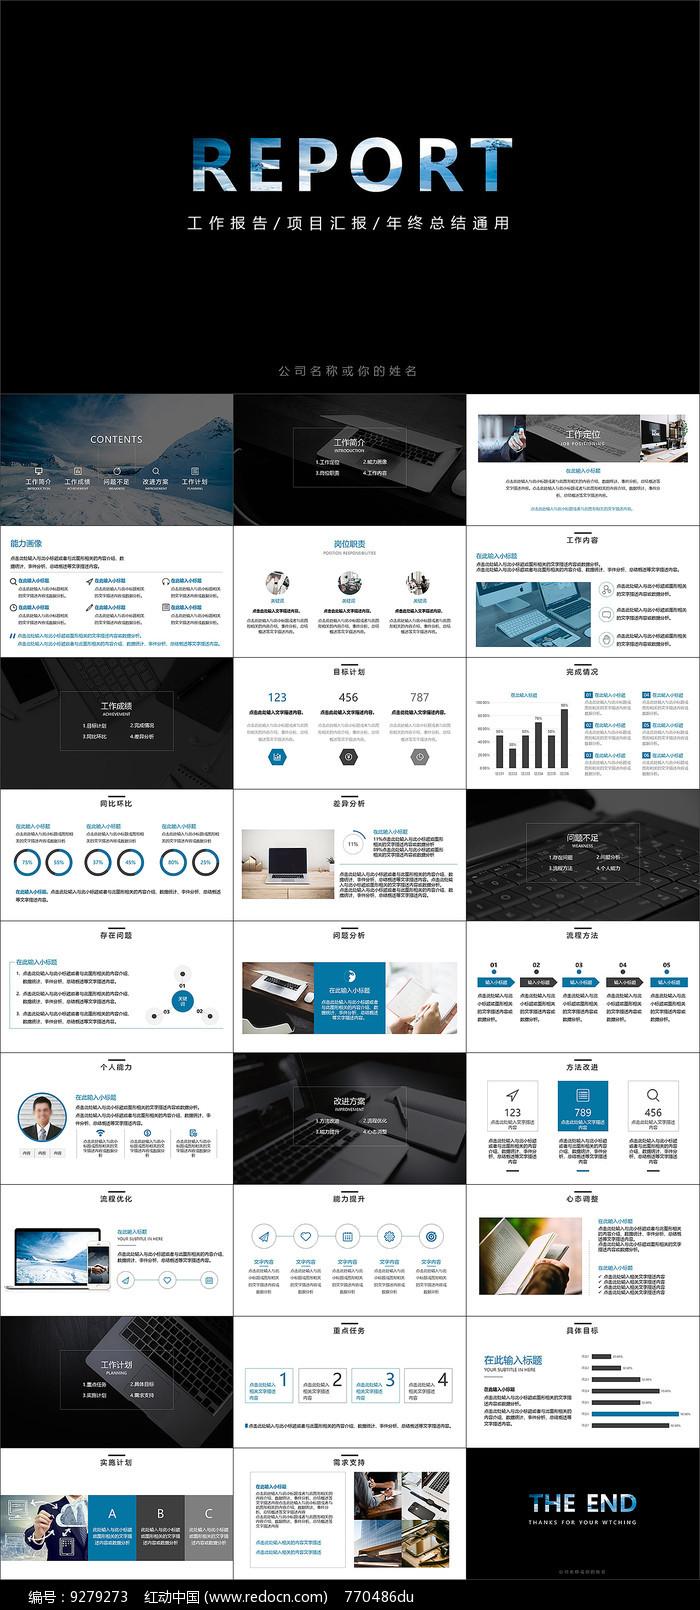 原创设计稿 ppt模板/ppt背景图片 团队职场ppt 工作报告项目总结汇报